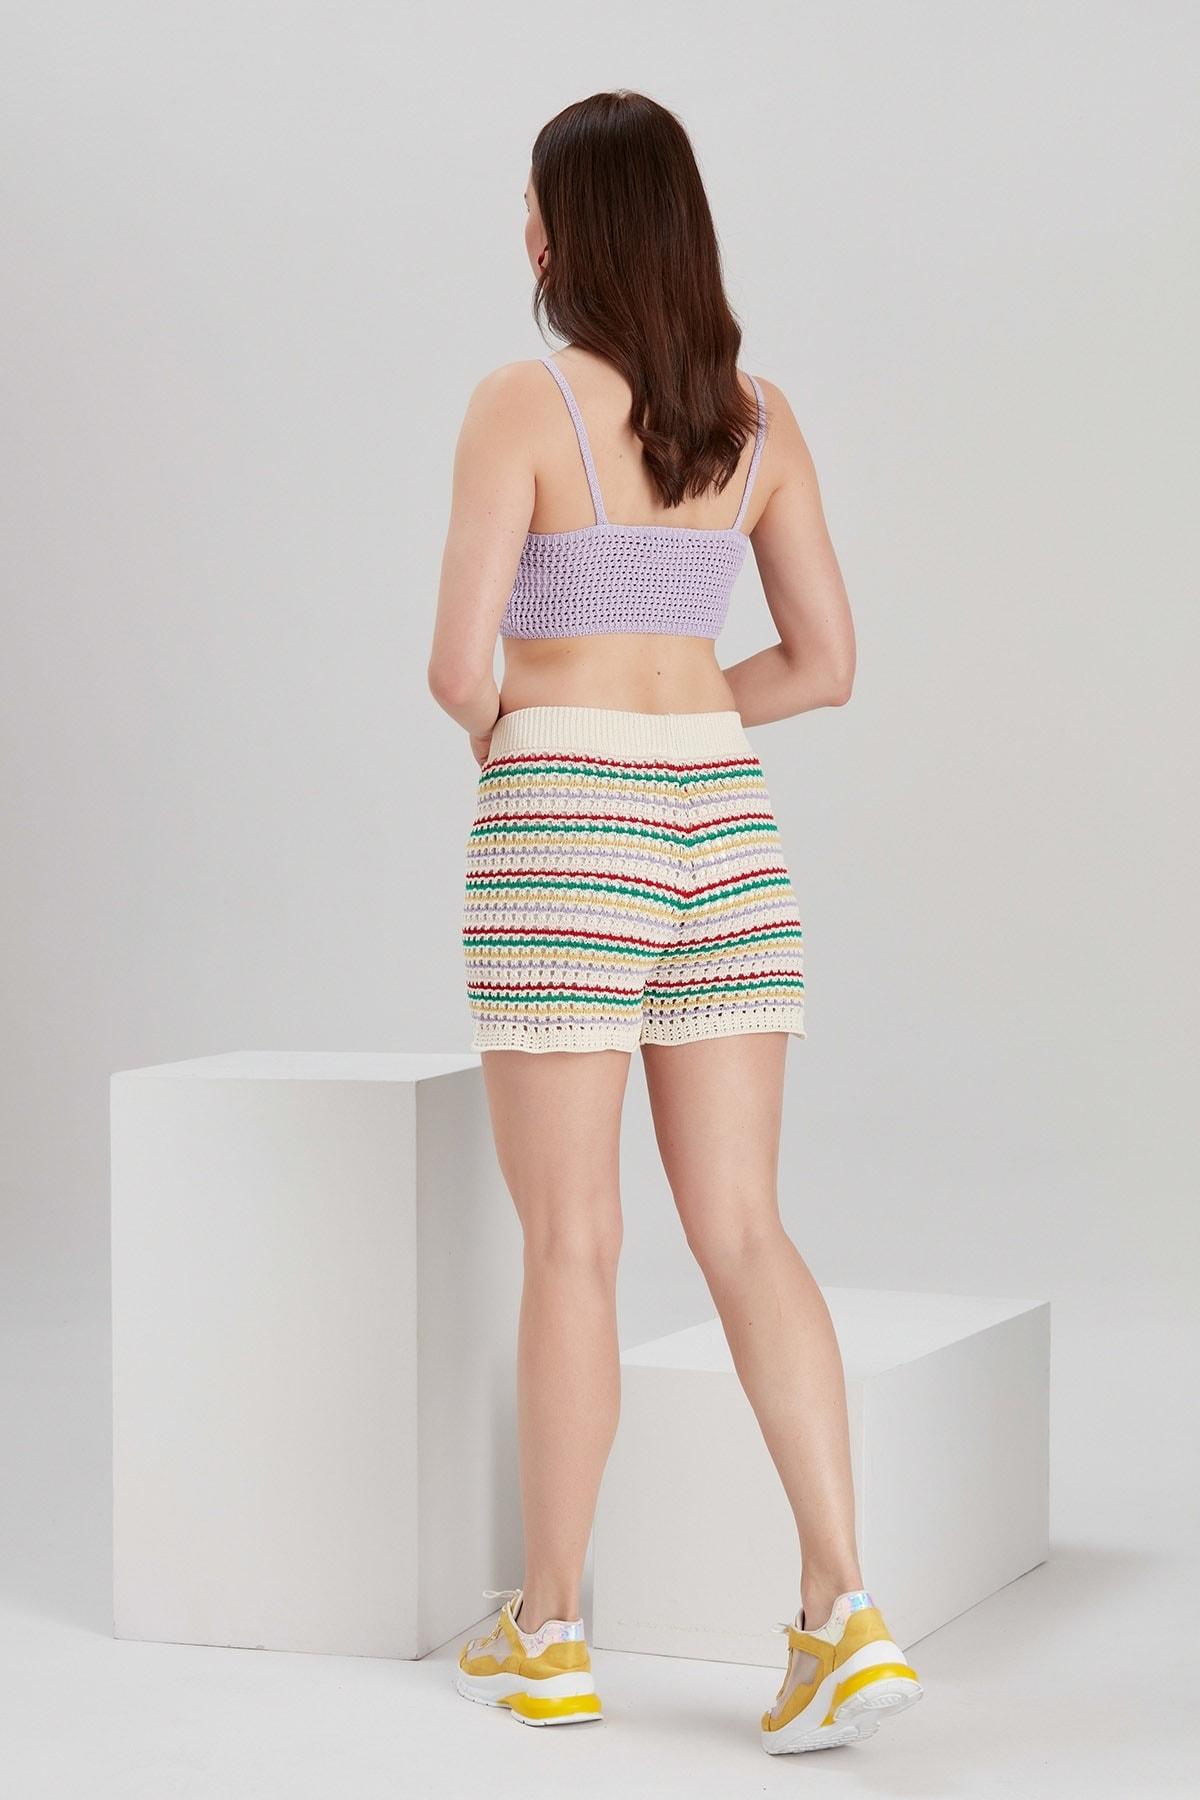 Y-London Kadın Mix Renkli Çizgili Örgü Şort YL-PN99749 4